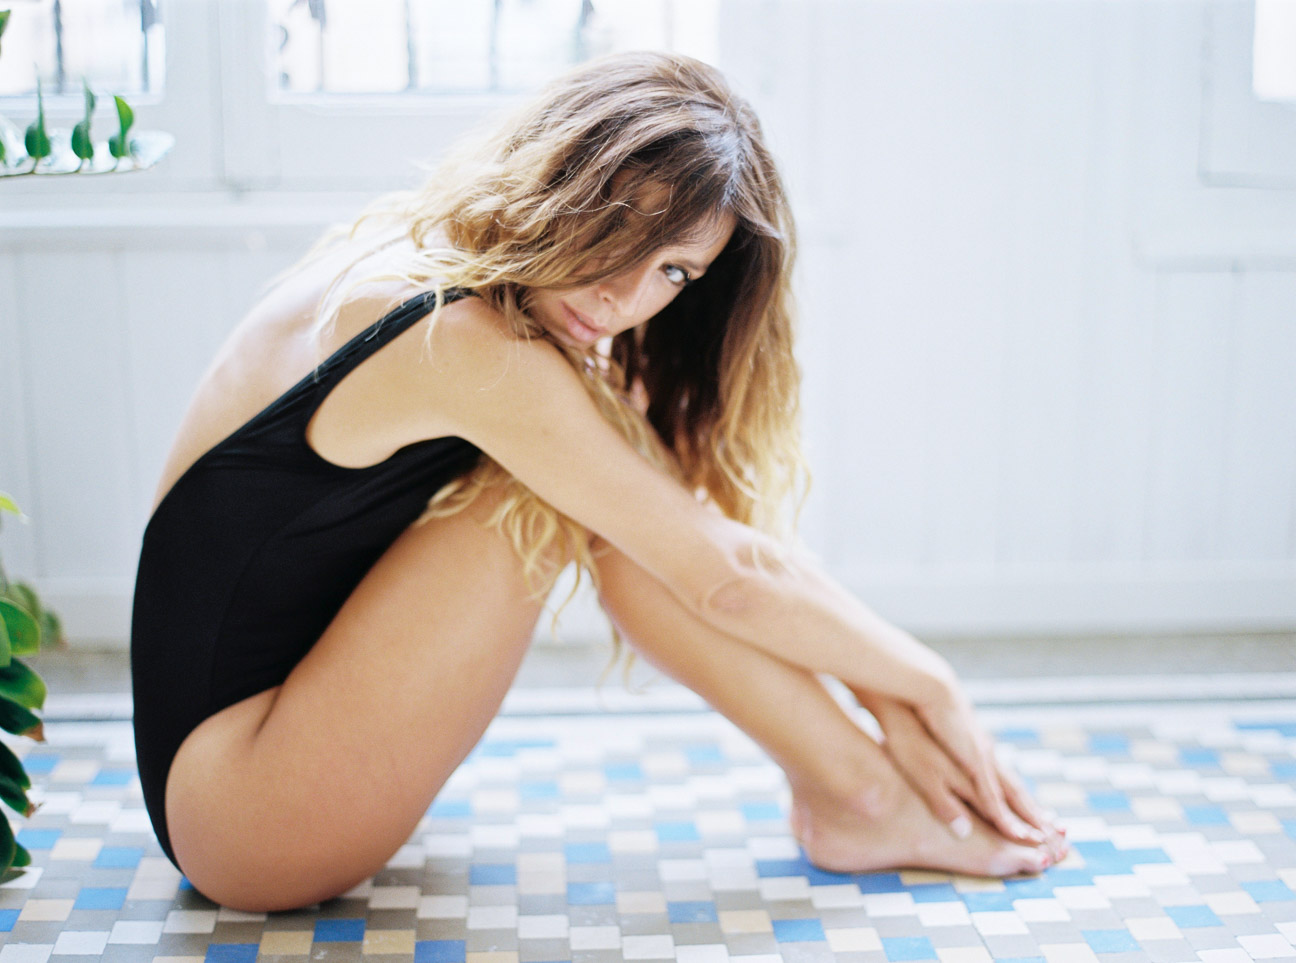 fotografo de boudoir en valencia sexy (5)